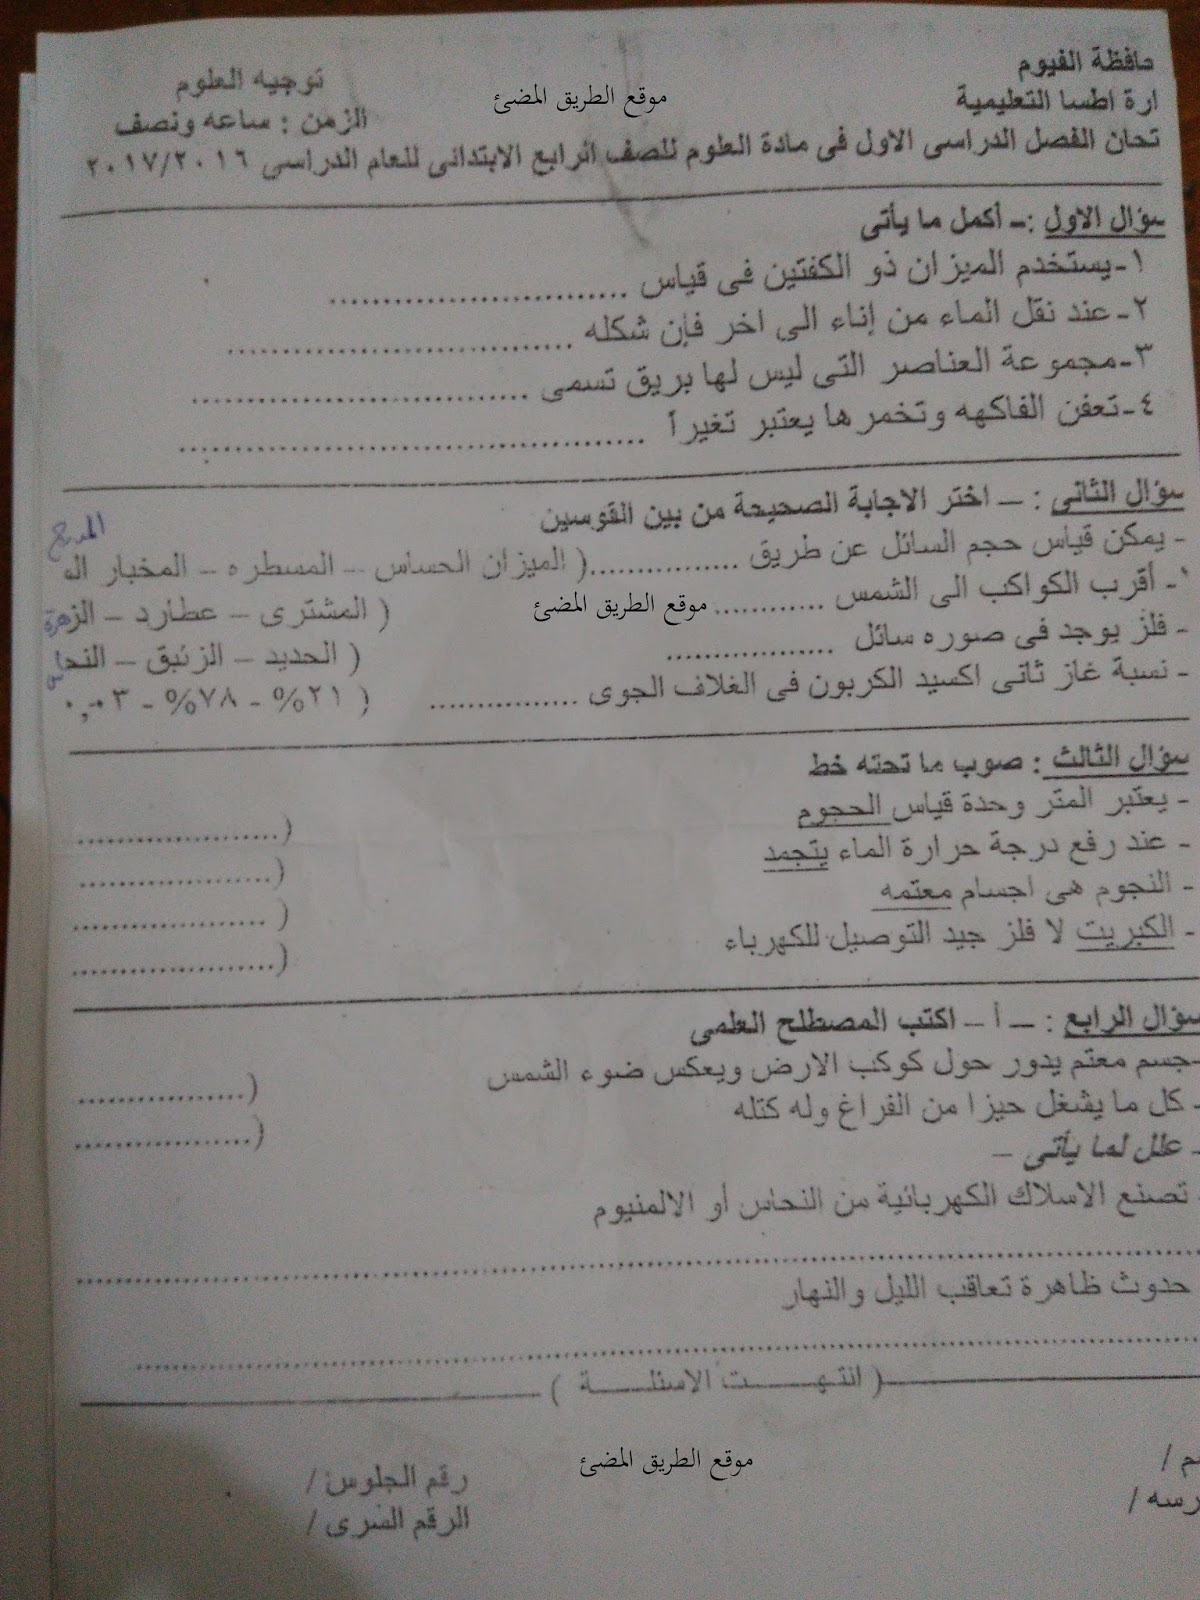 تحميل امتحان نصف العام النهائى فى العلوم الصف الرابع الابتدائى الترم الاول 2017 , محافظة الفيوم